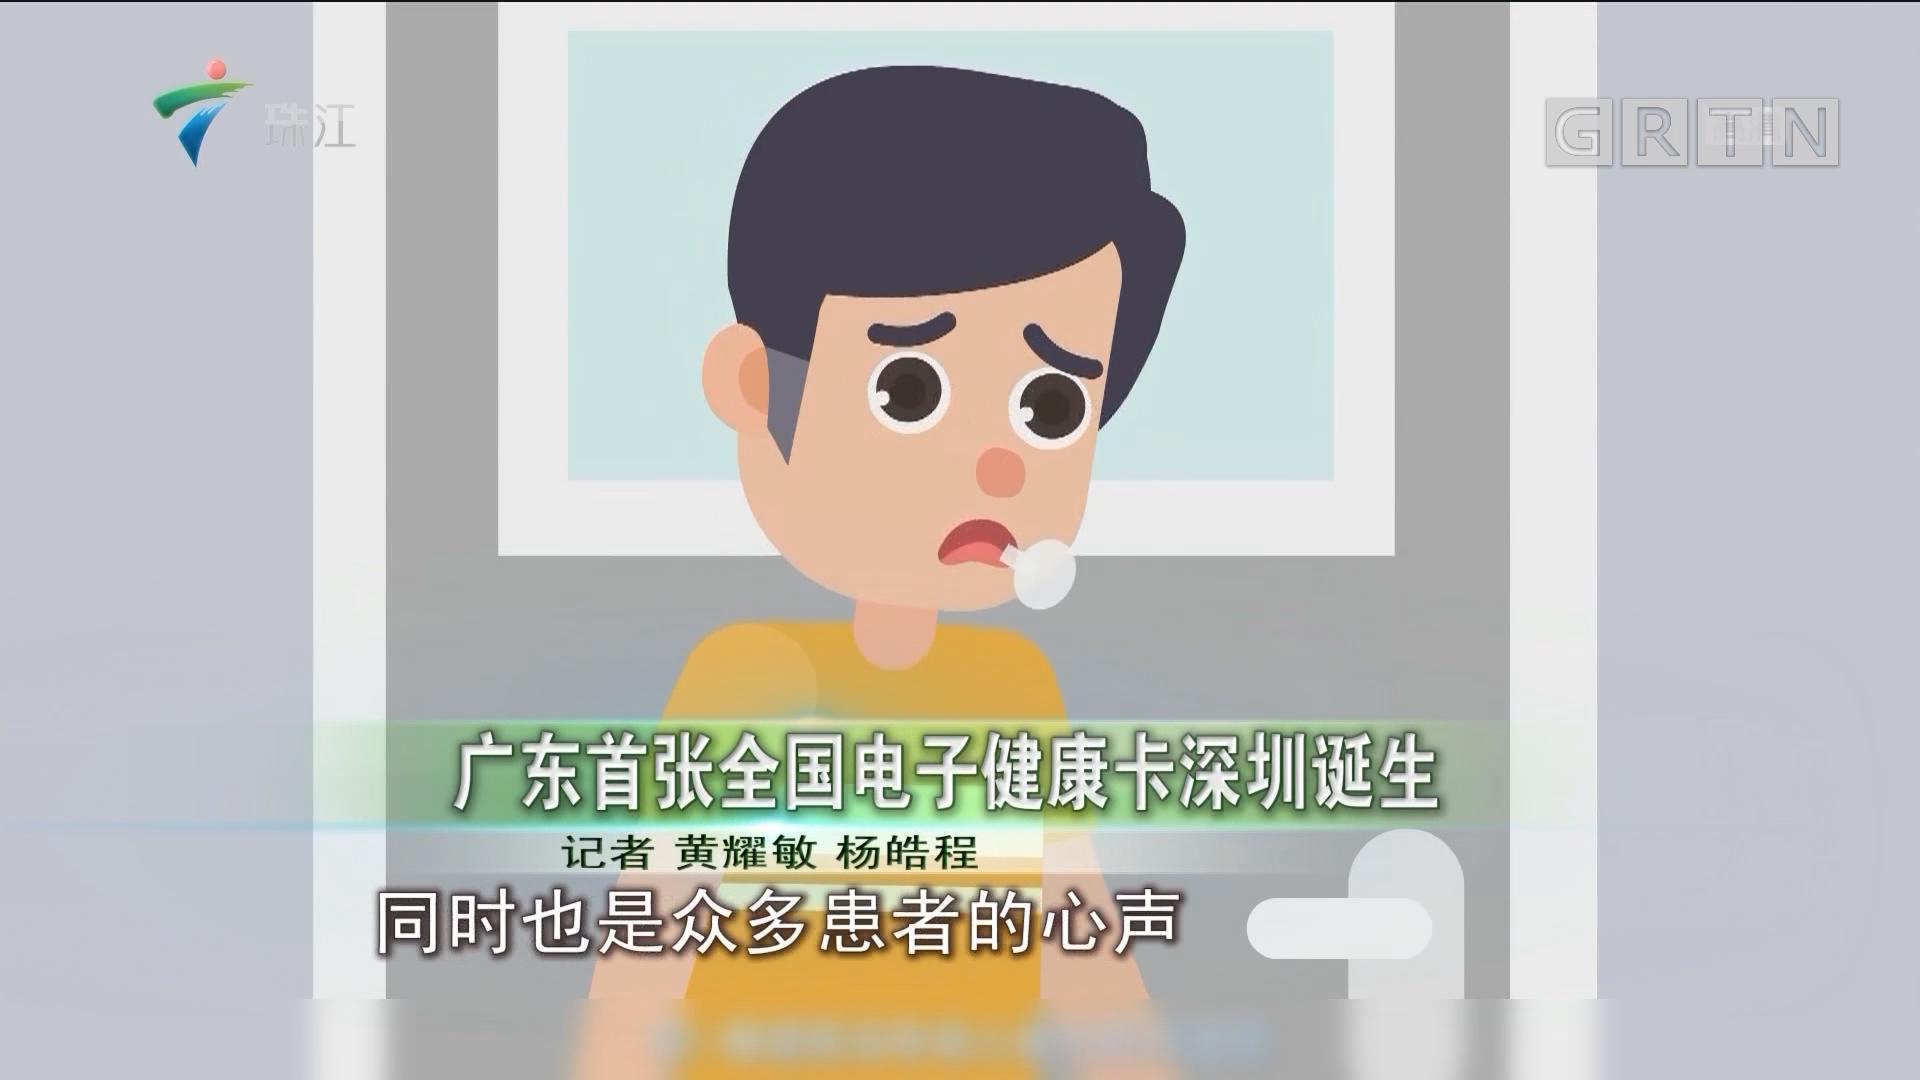 广东首张全国电子健康卡深圳诞生